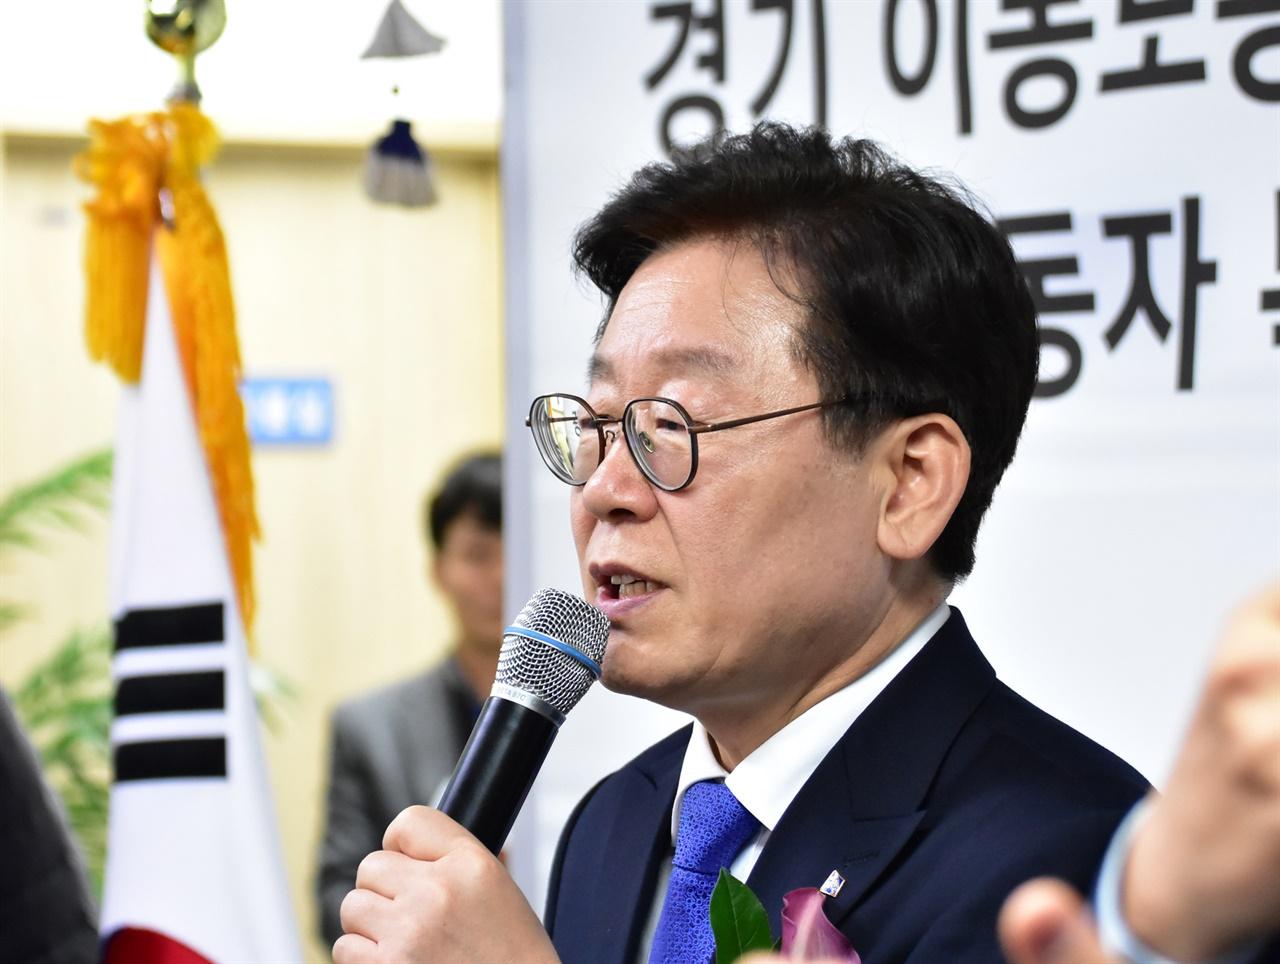 20일 광주시 경안동에 문 연 첫 번째 경기 이동노동자쉼터 개소식에서 인사말을 전하고 있는 이재명 경기지사